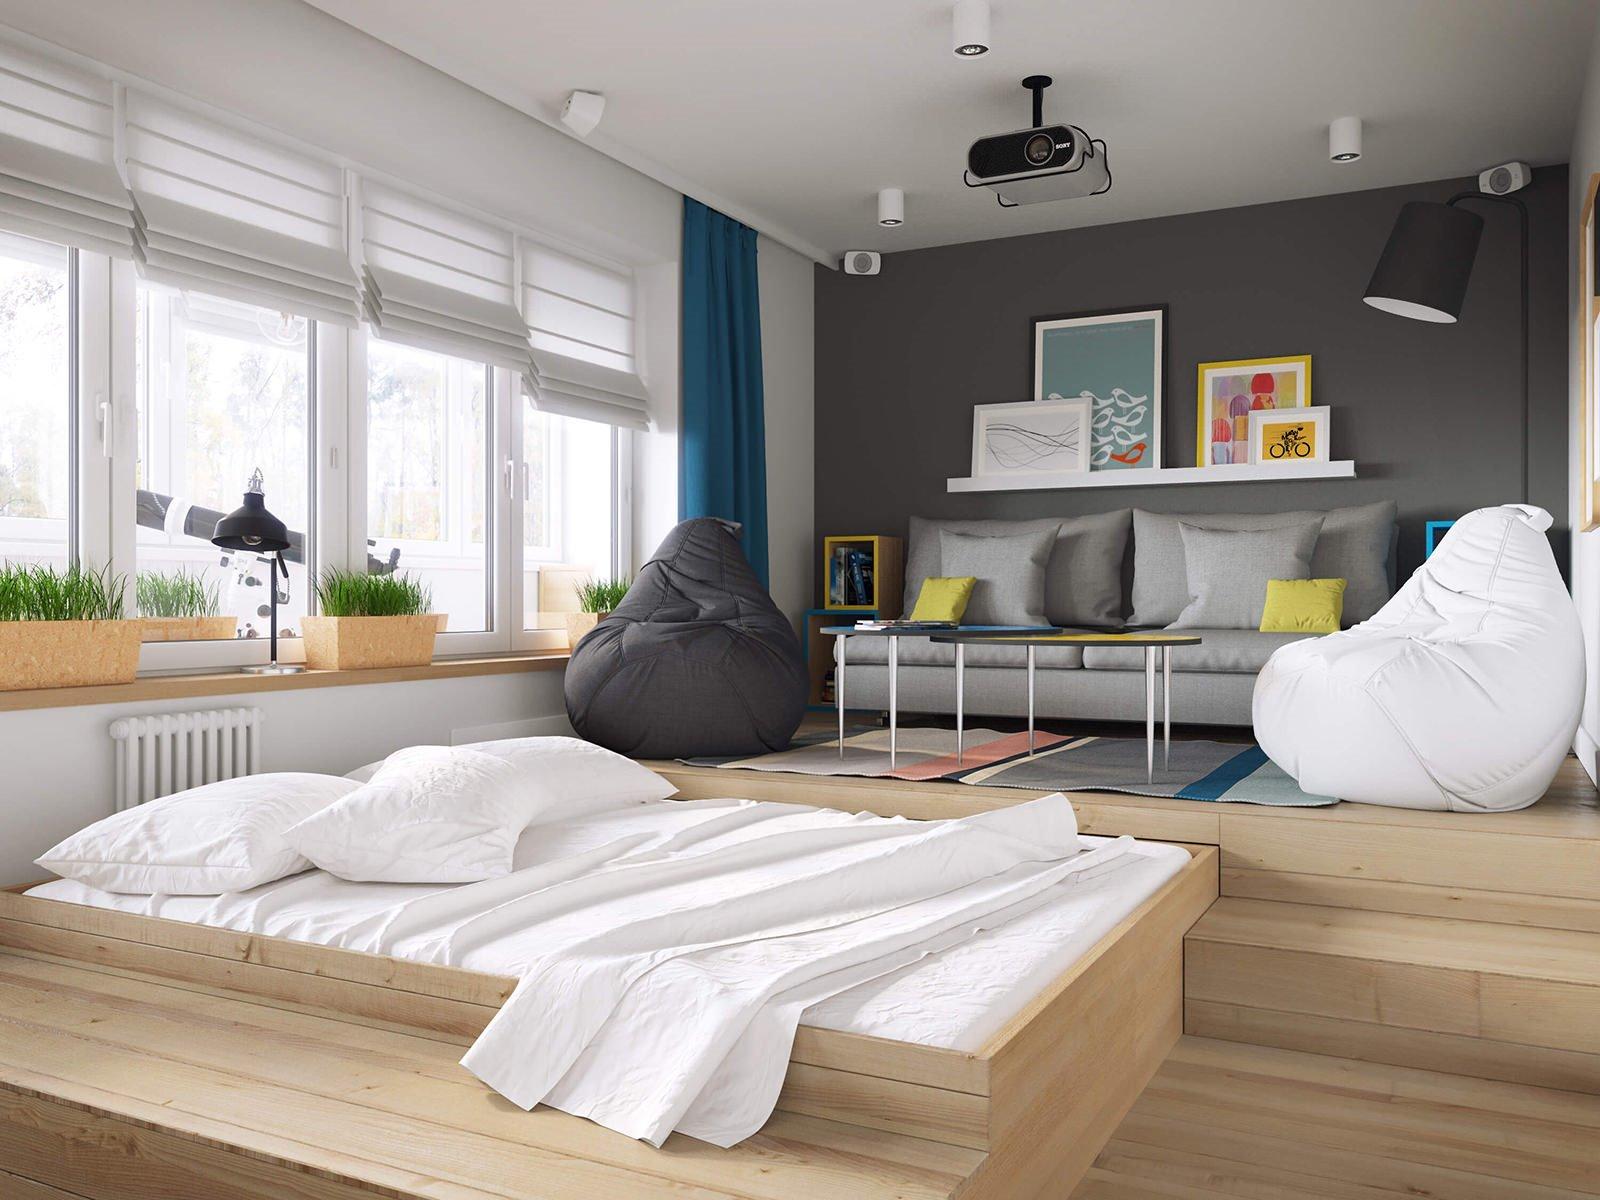 Кровать подиум в гостиной